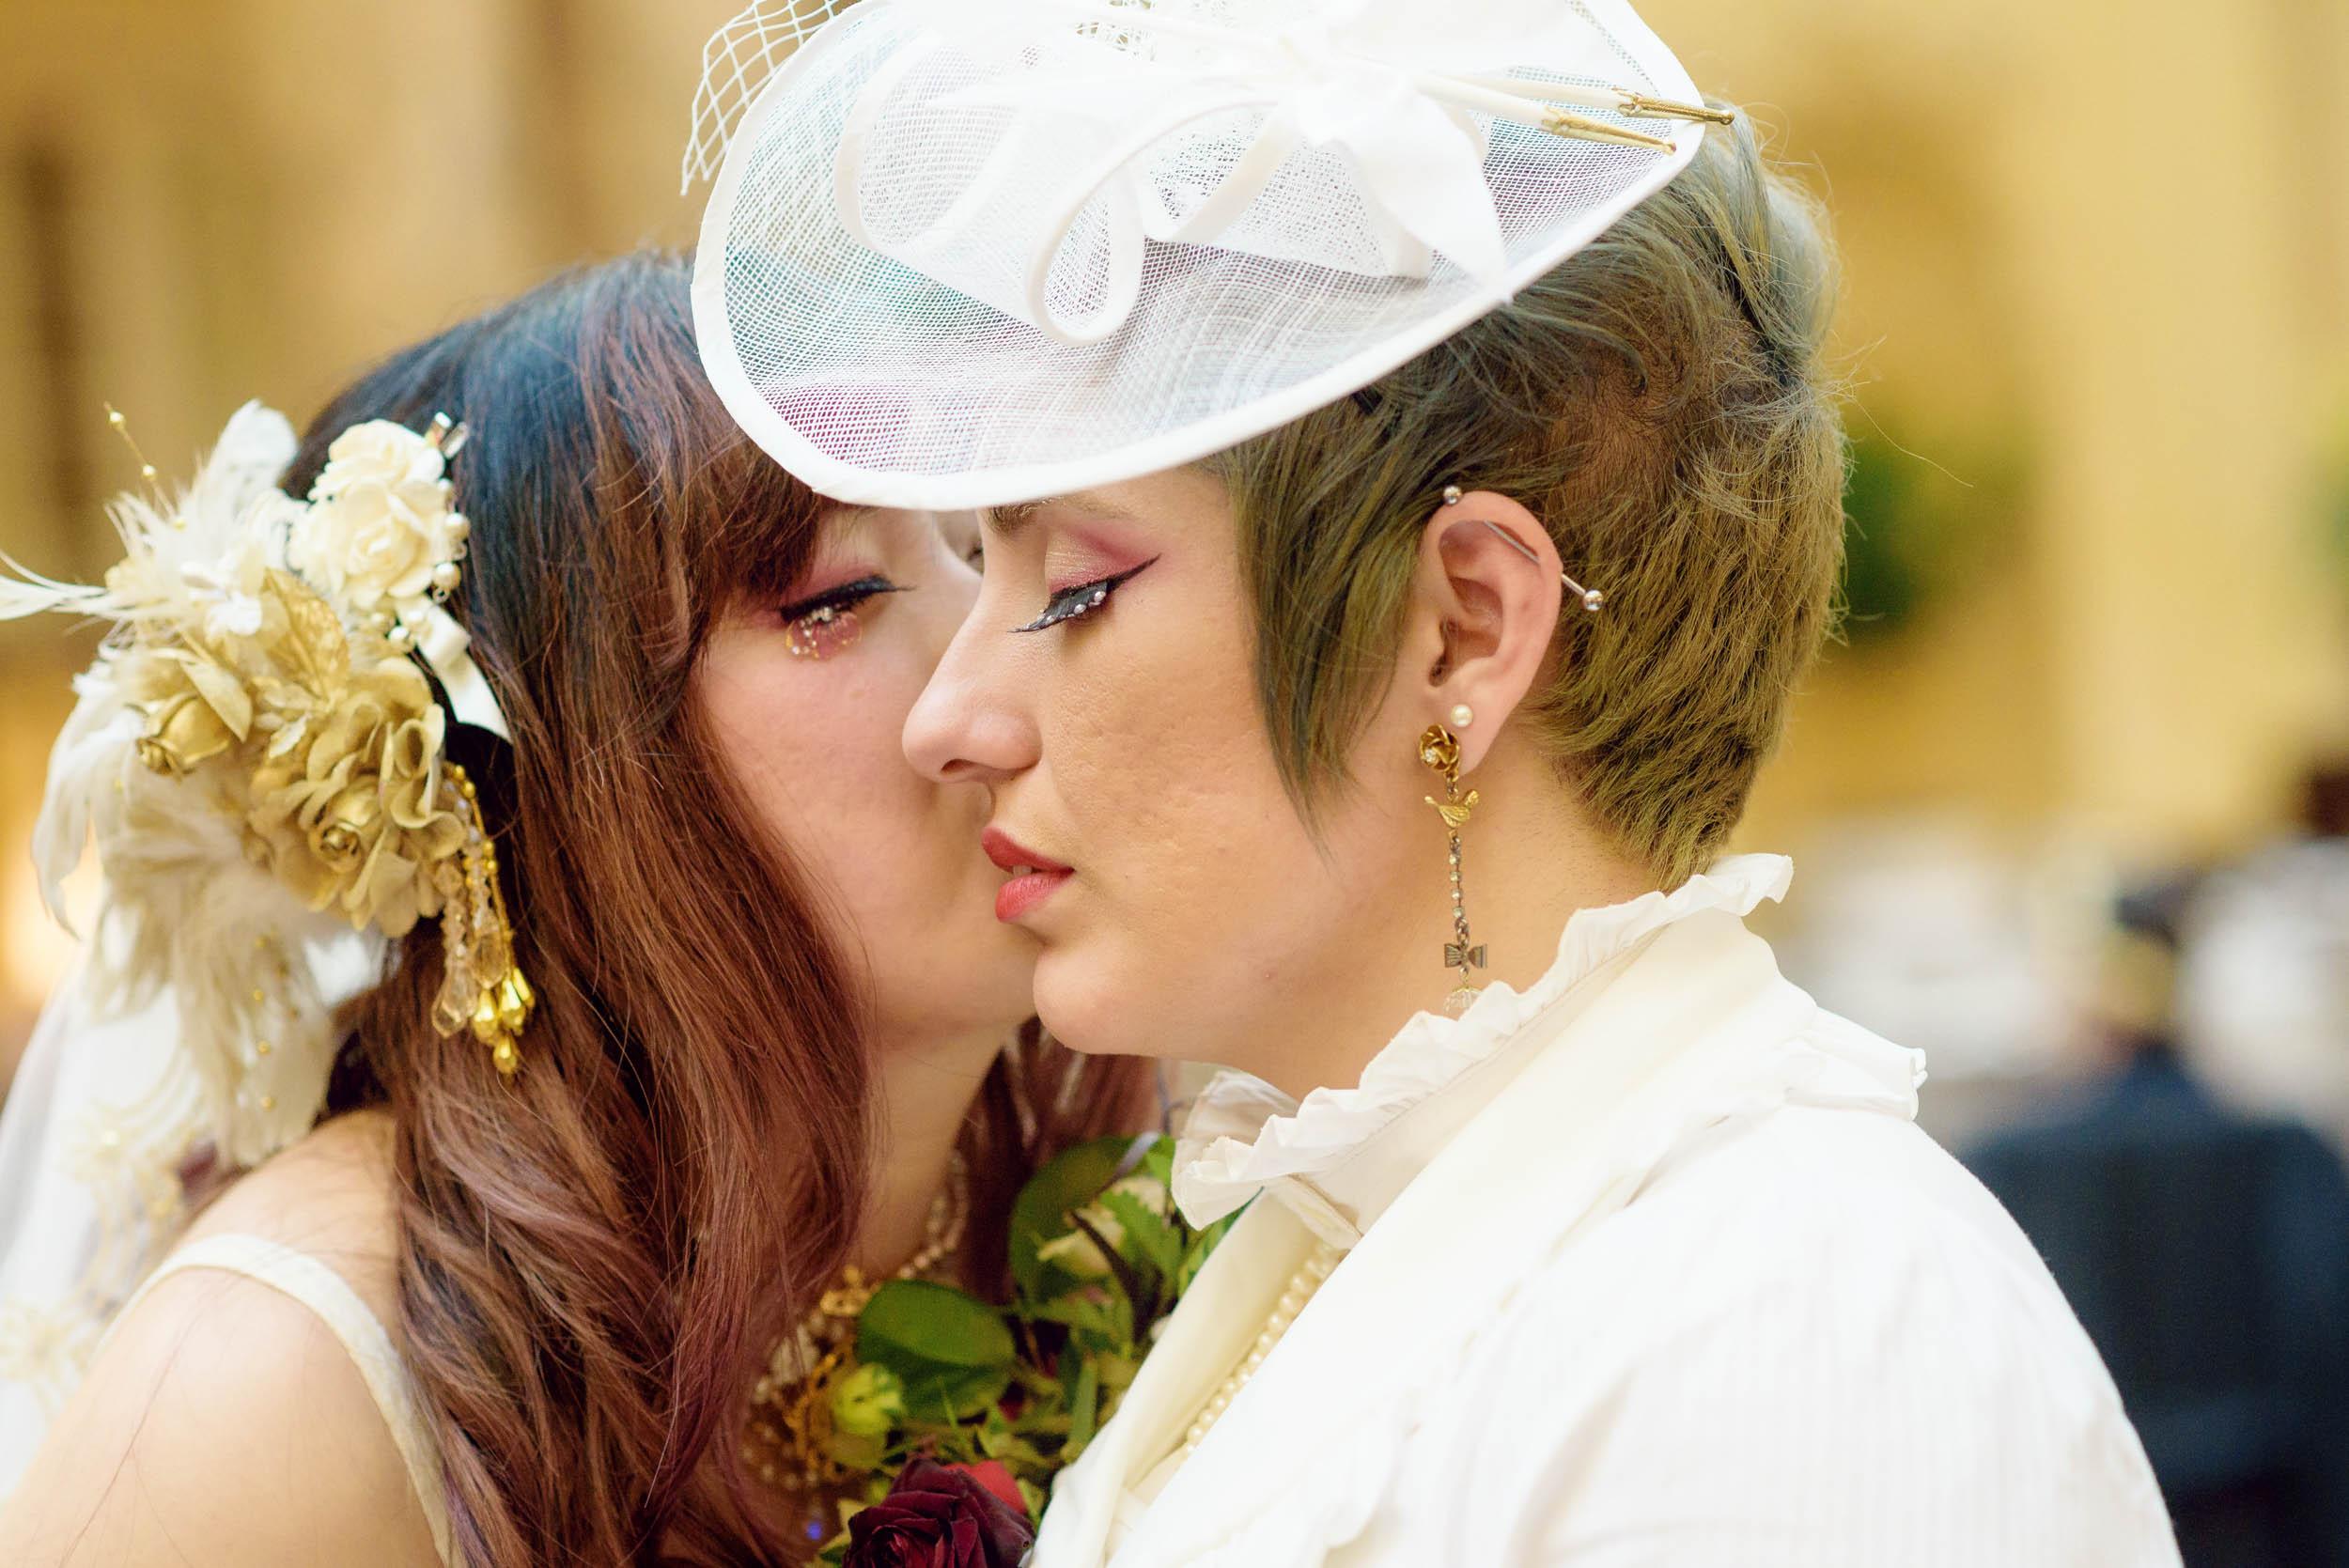 Chen_and_Shaf-WeddingDay-184.jpg